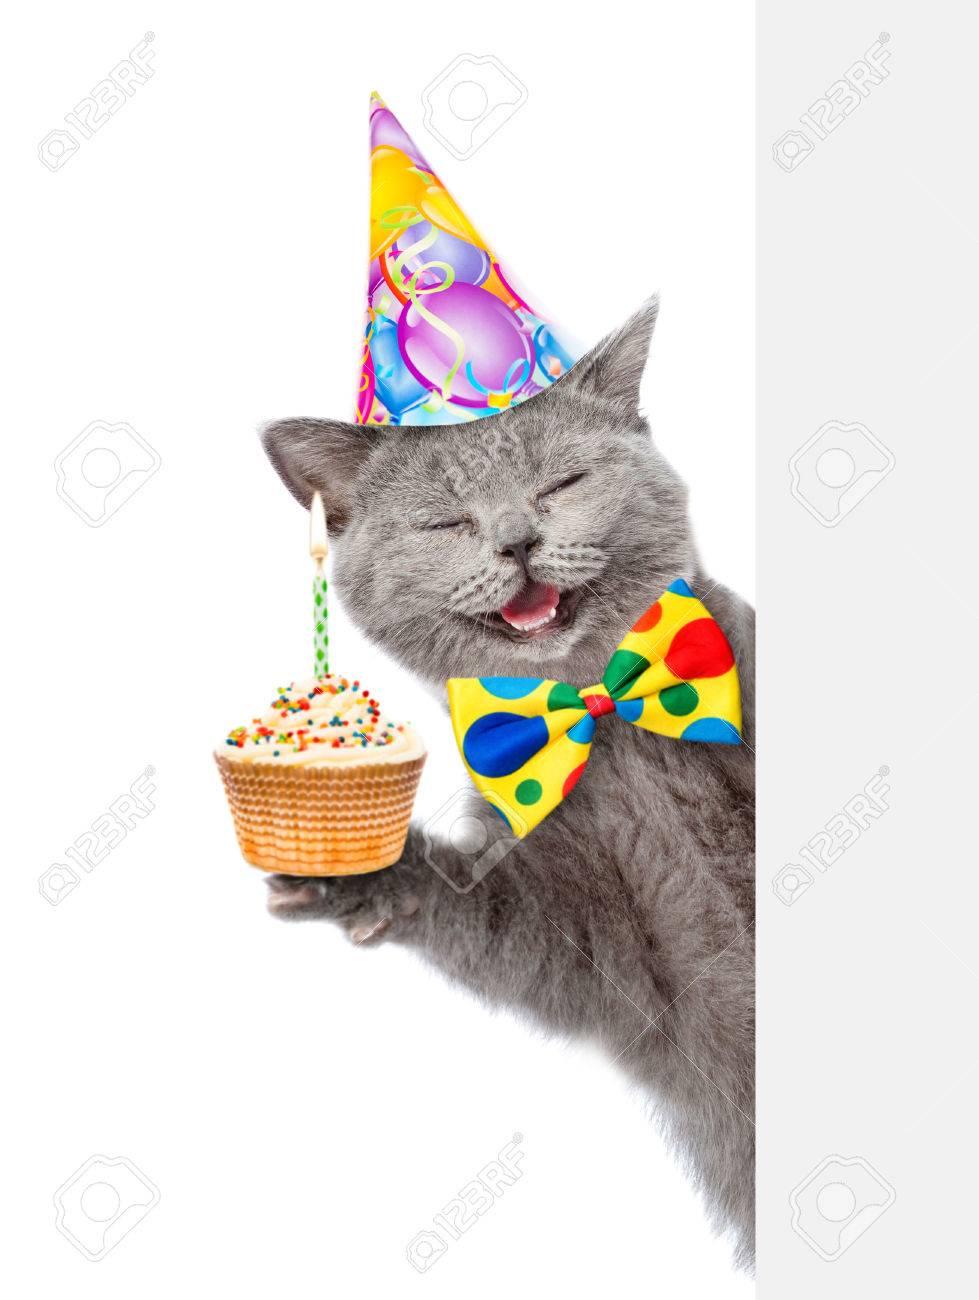 Gluckliche Katze Im Geburtstag Hut Mit Cupcake Halt Einen Zeige